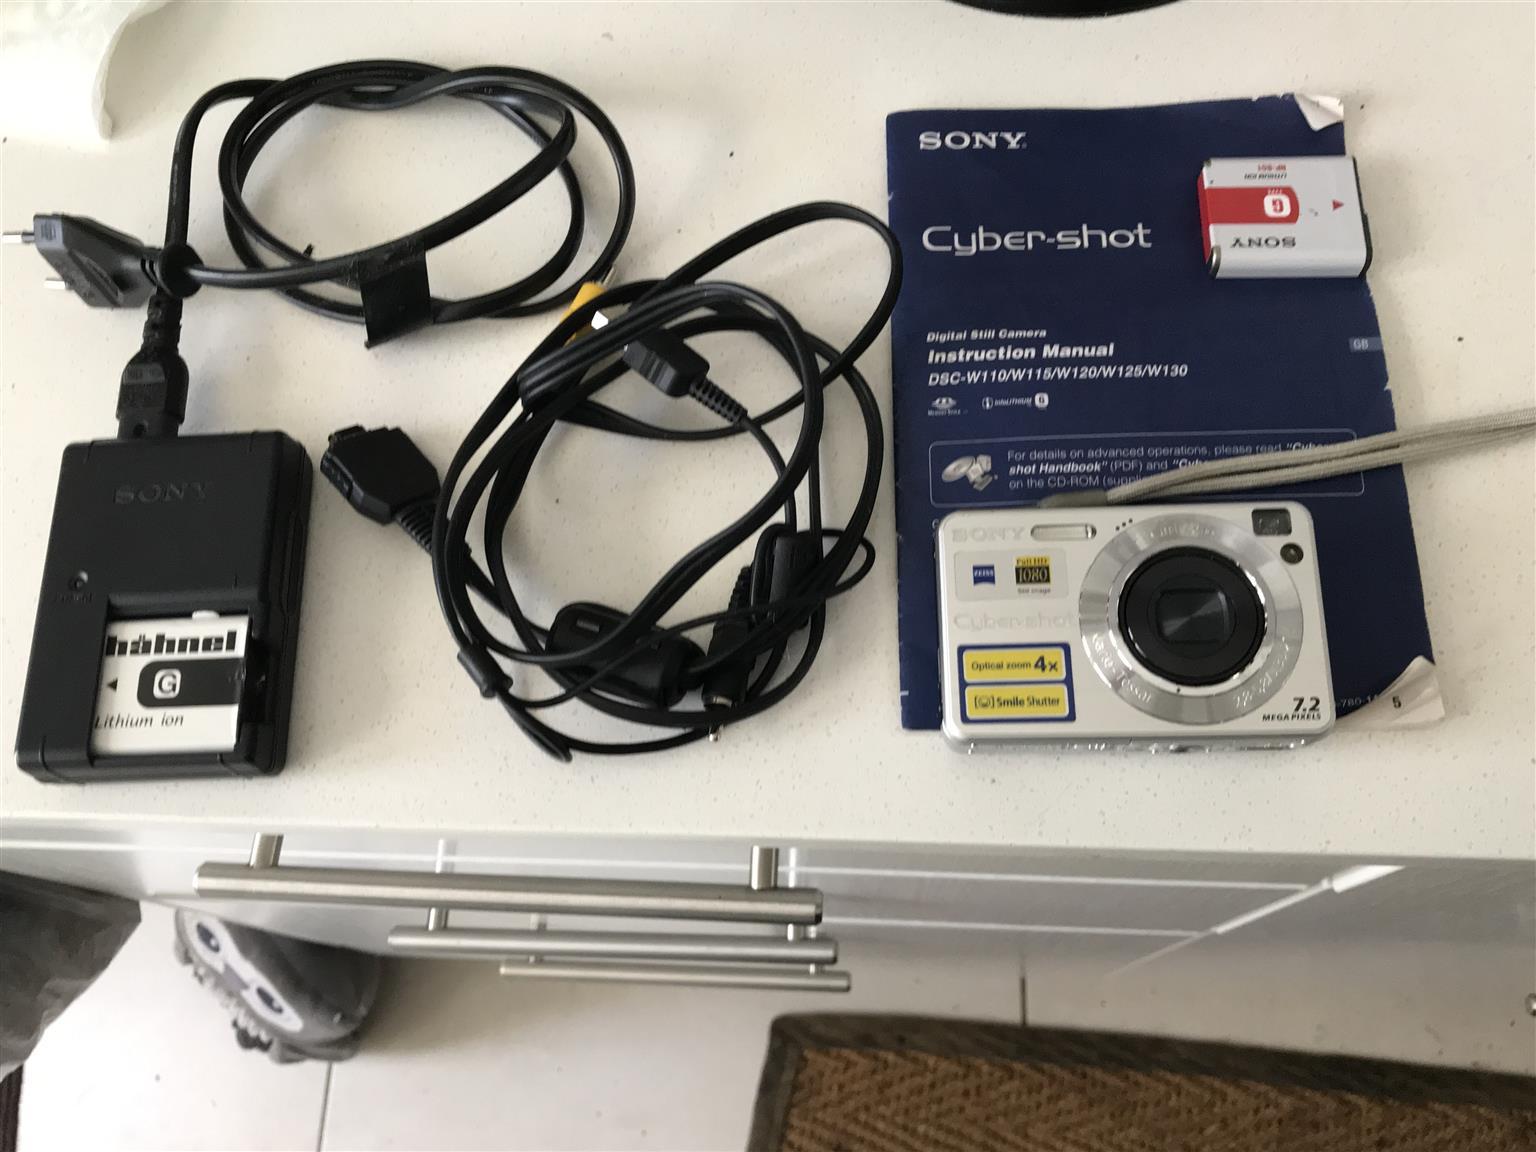 Sony Cyber-shot  DSC-W110   7.2MP Digital  Camera